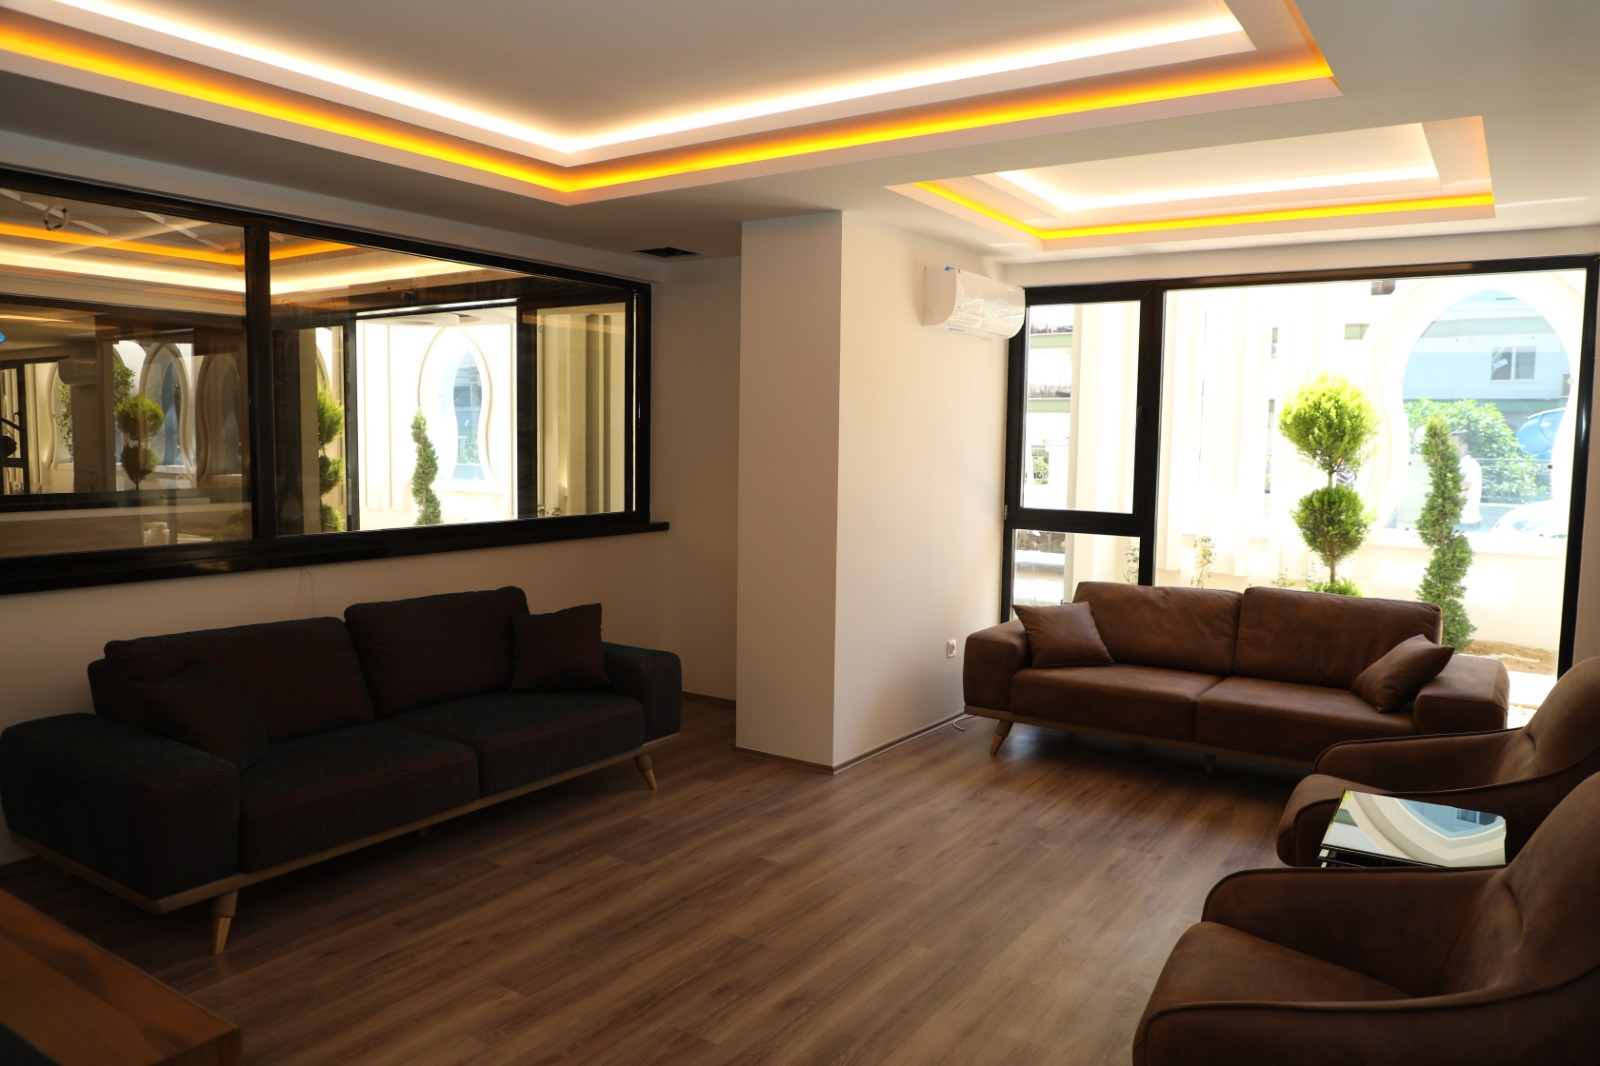 Квартира планировкой 1+1 в Махмутларе - Фото 24